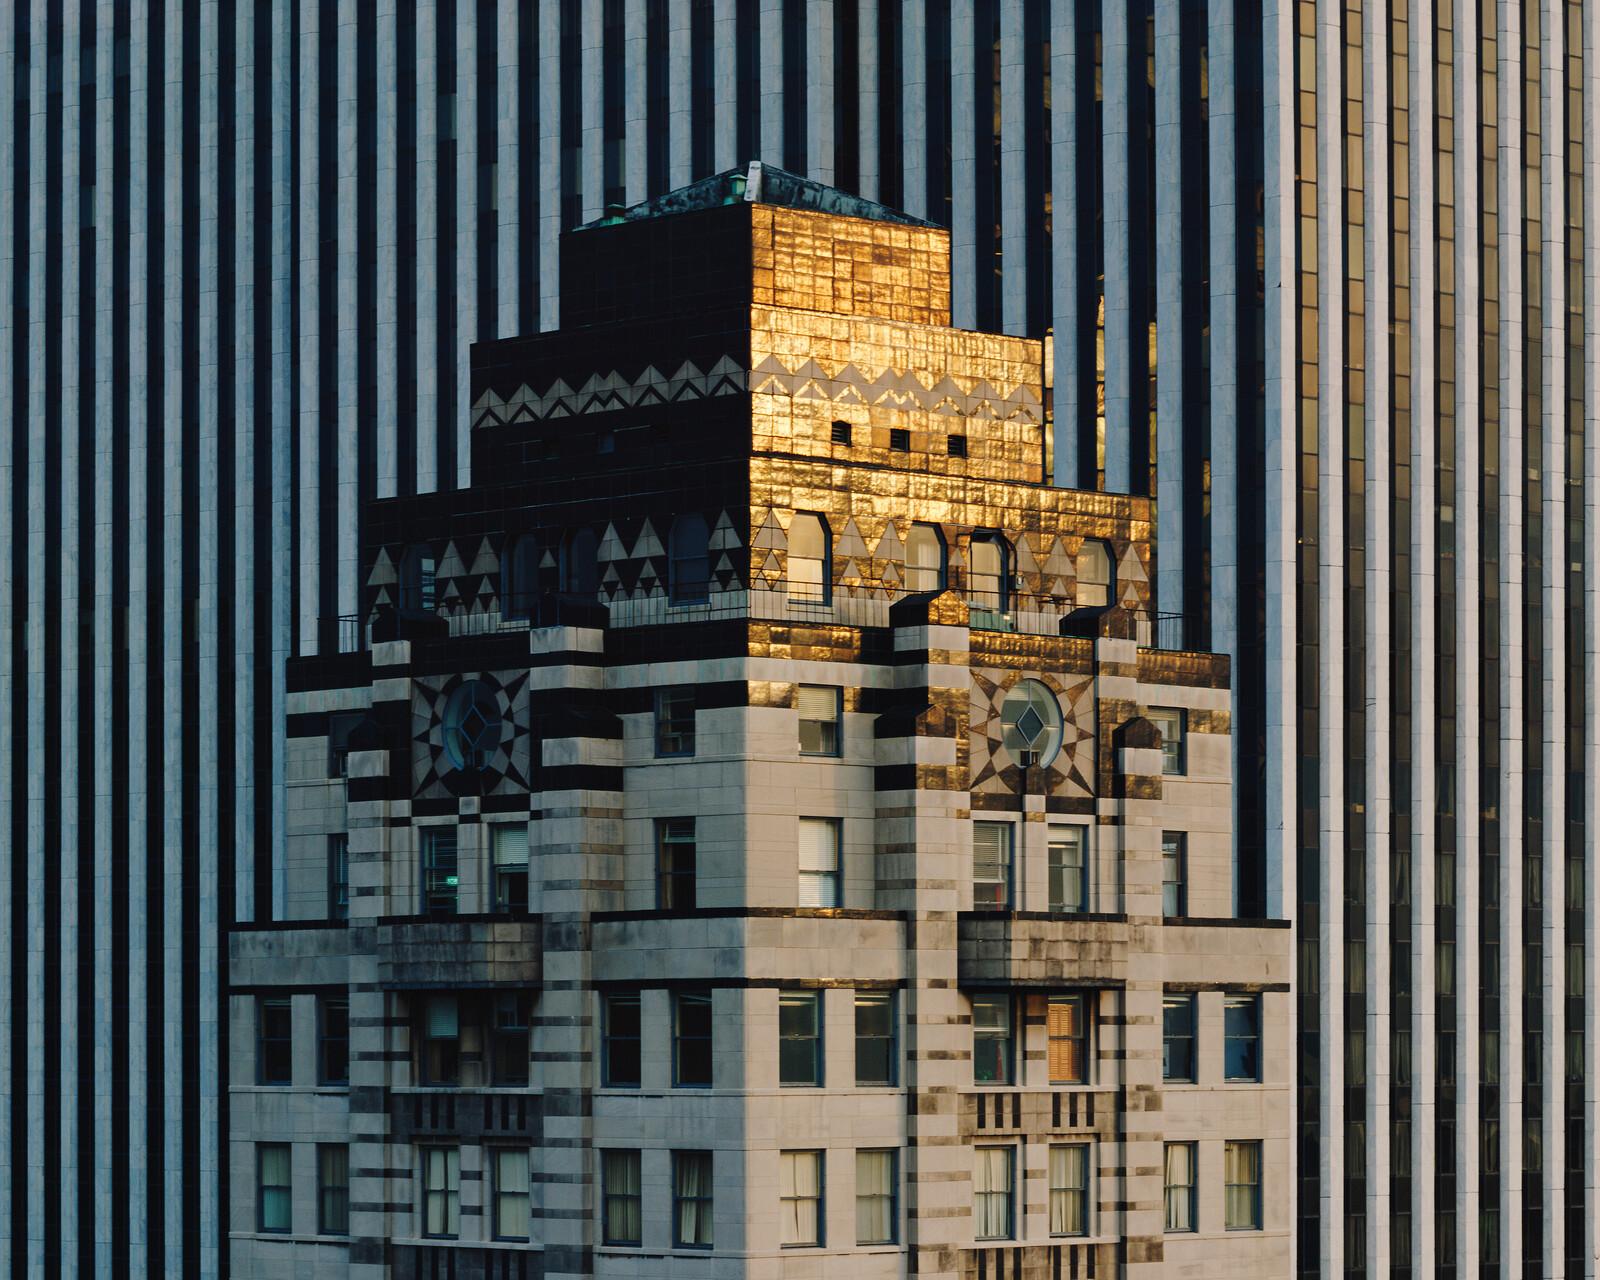 Fuller Building - Reinhart Wolf